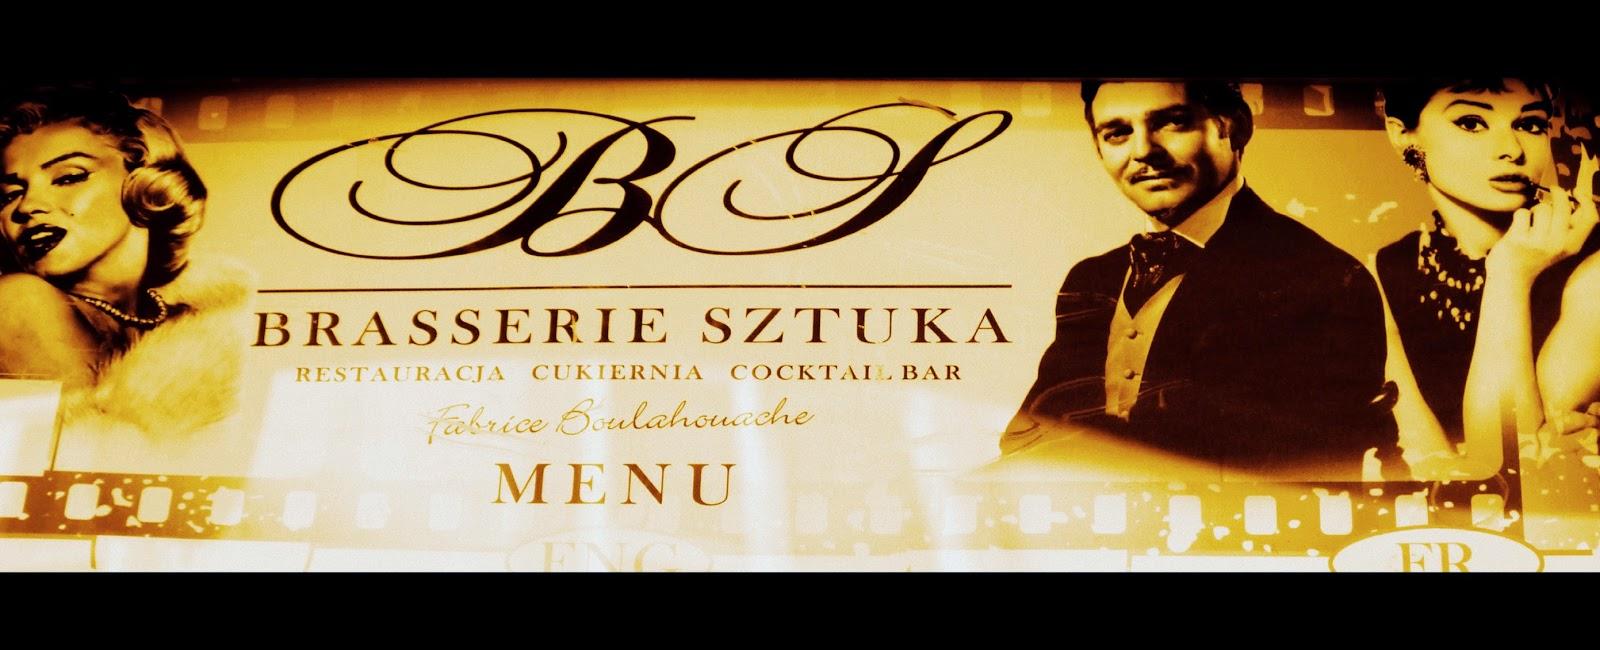 Brasserie Sztuka, św. Jana 6, Kraków, menu